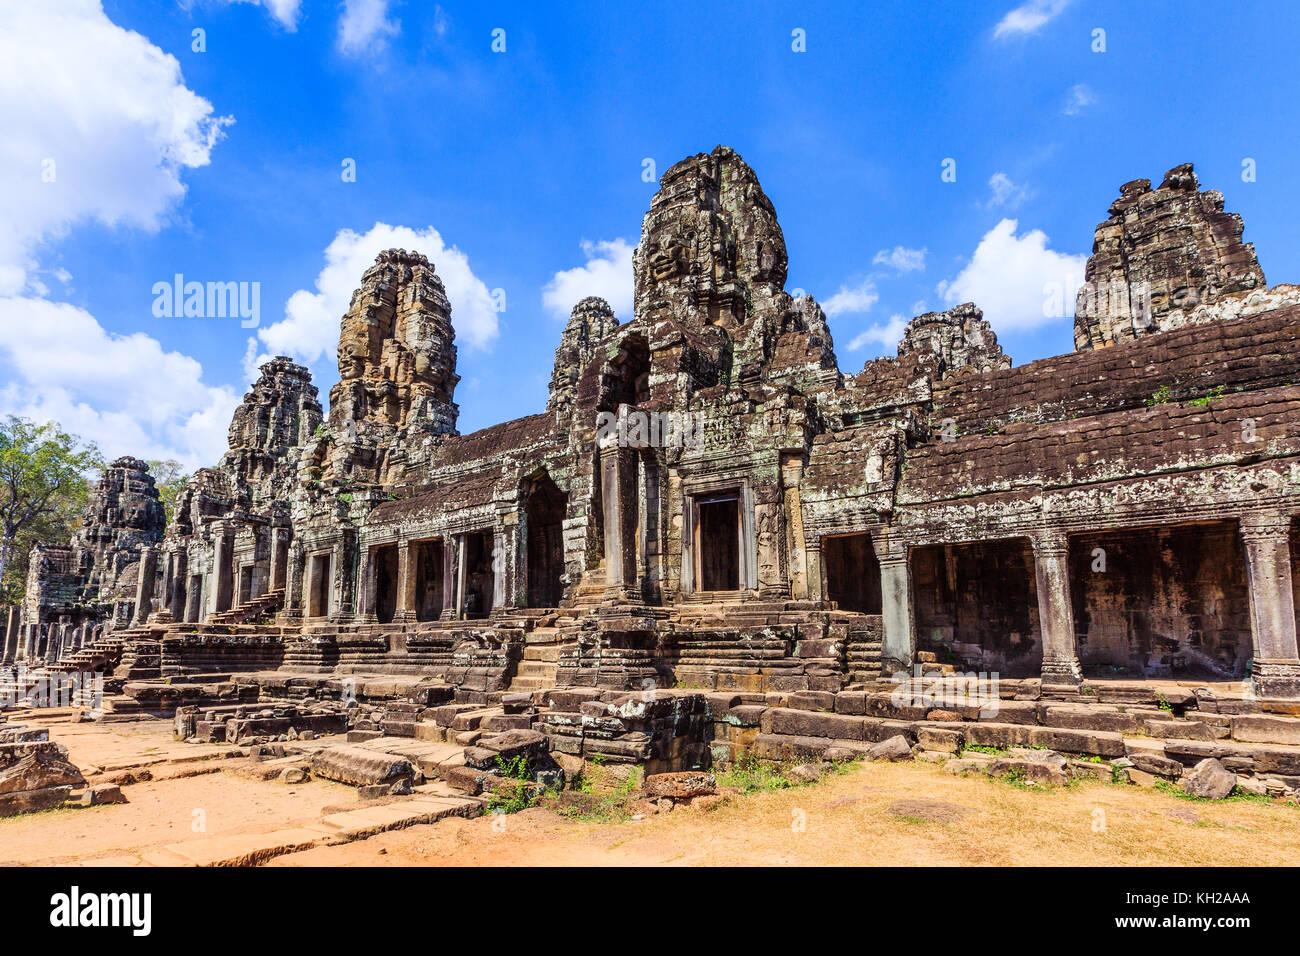 Angkor, en Camboya. La galería interior del templo Bayon. Imagen De Stock